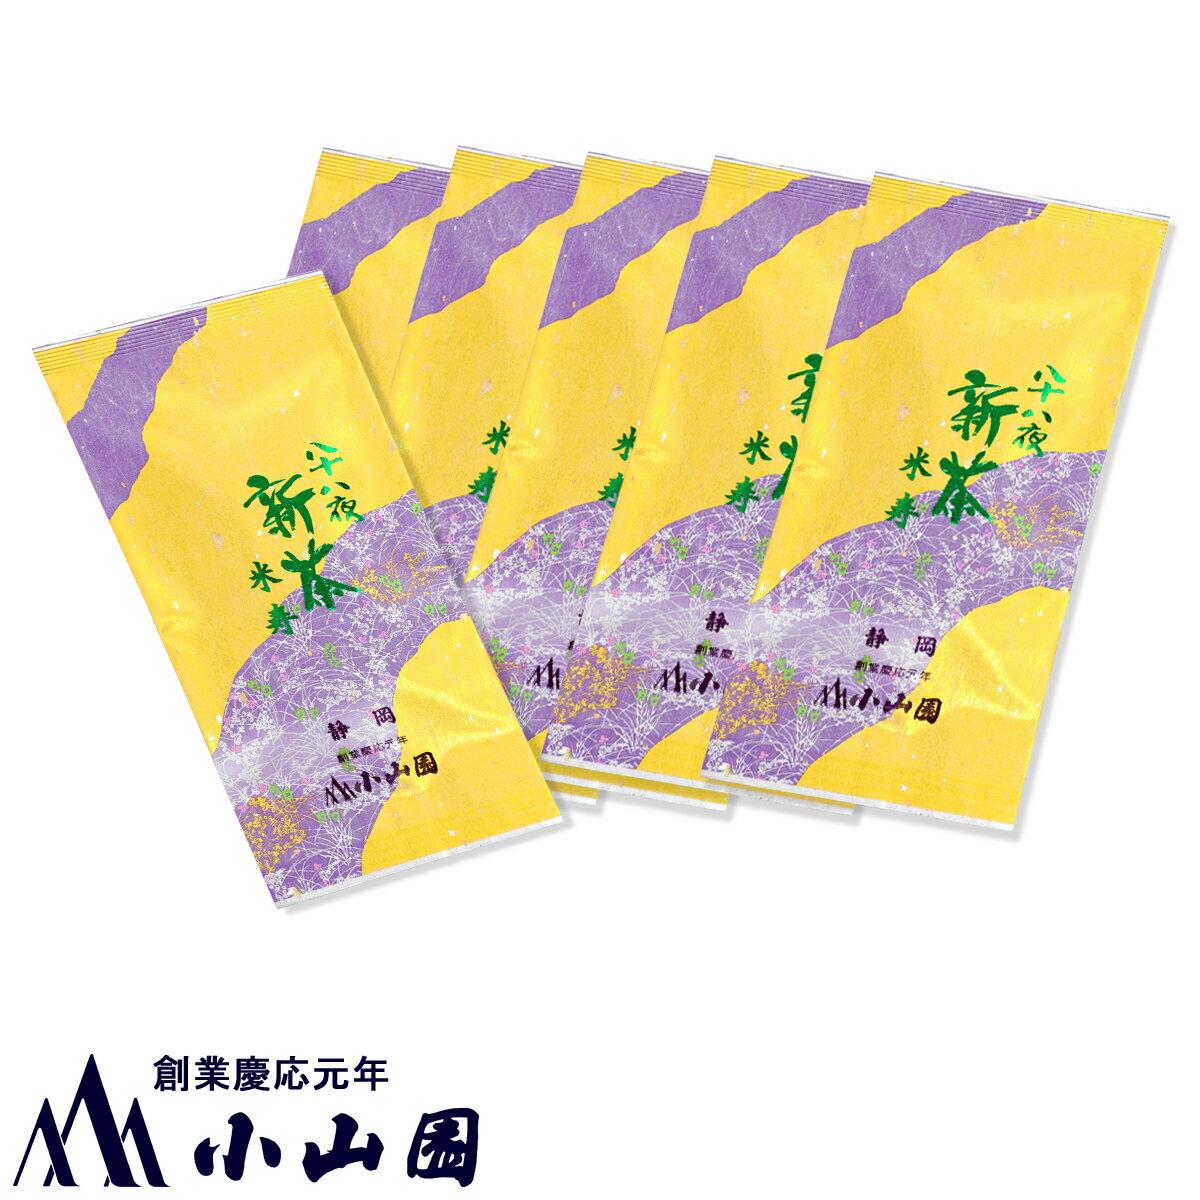 【全国送料無料&通信販売限定】八十八夜新茶「米寿」100g袋入 5+1セット